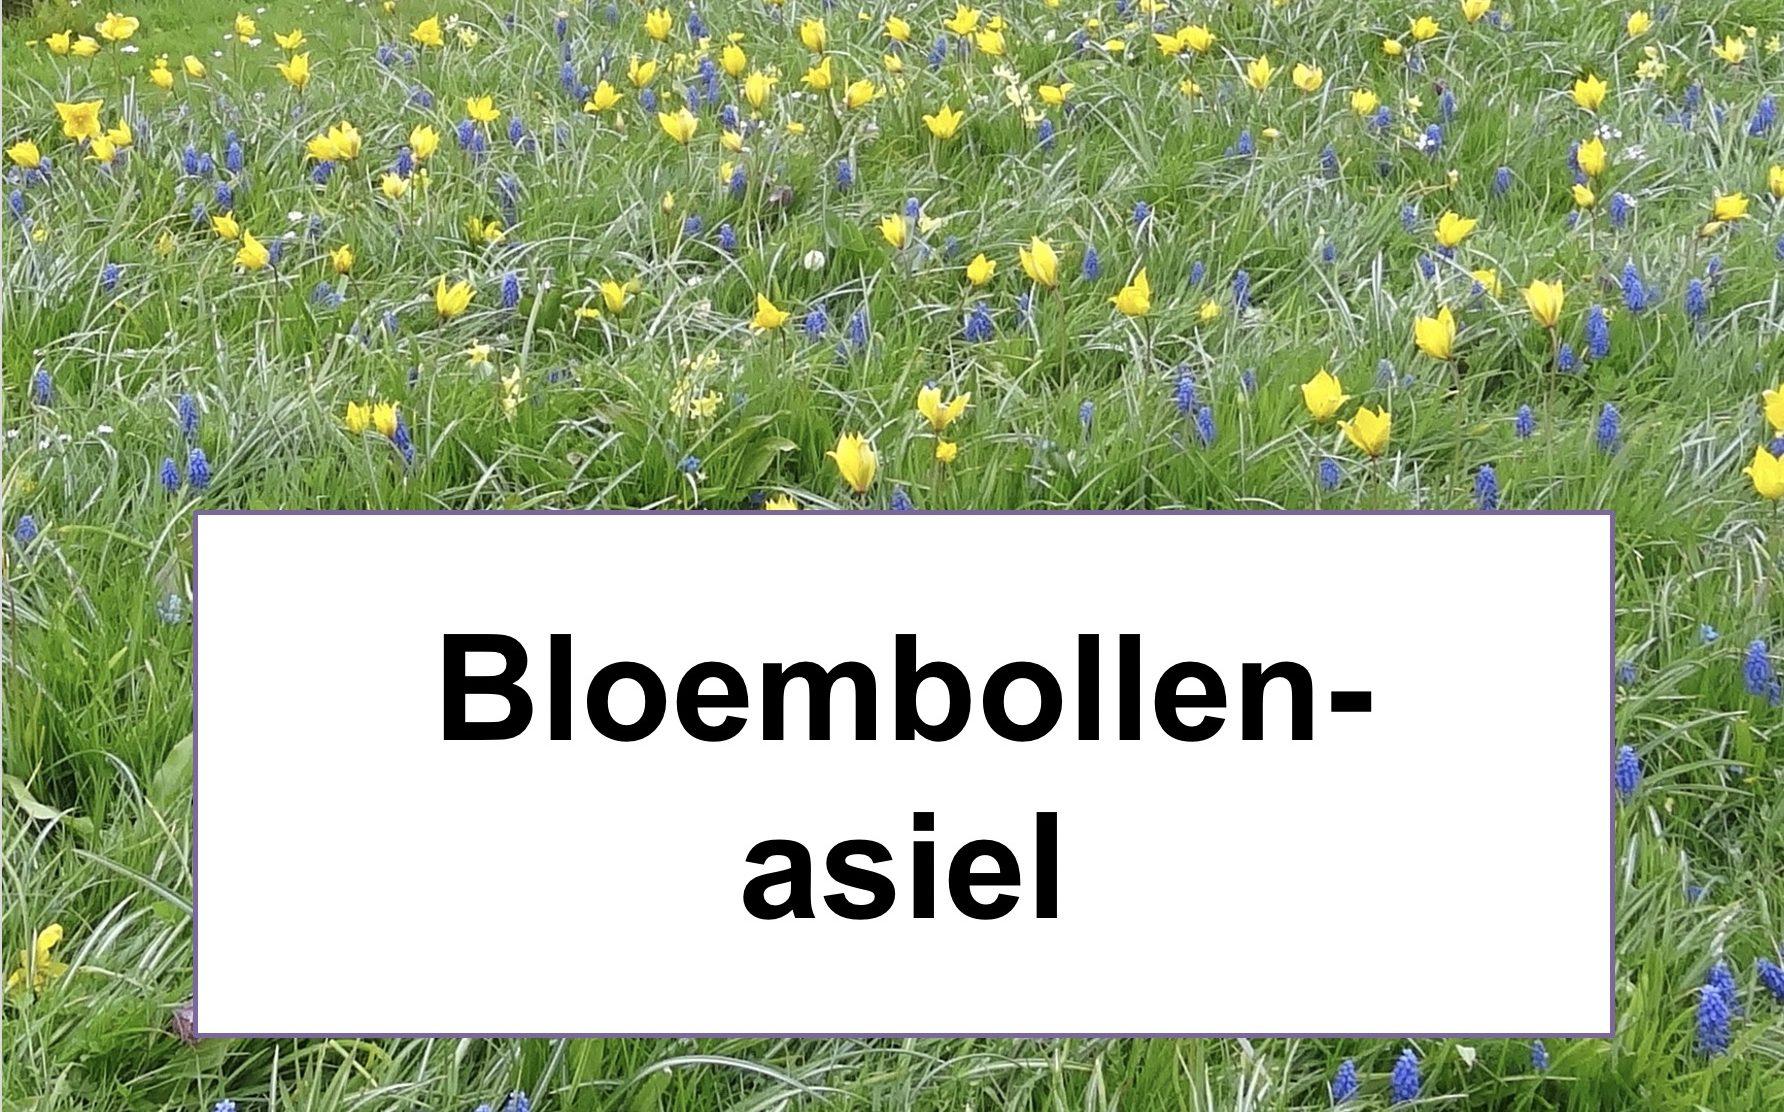 foto bloembollen in gras